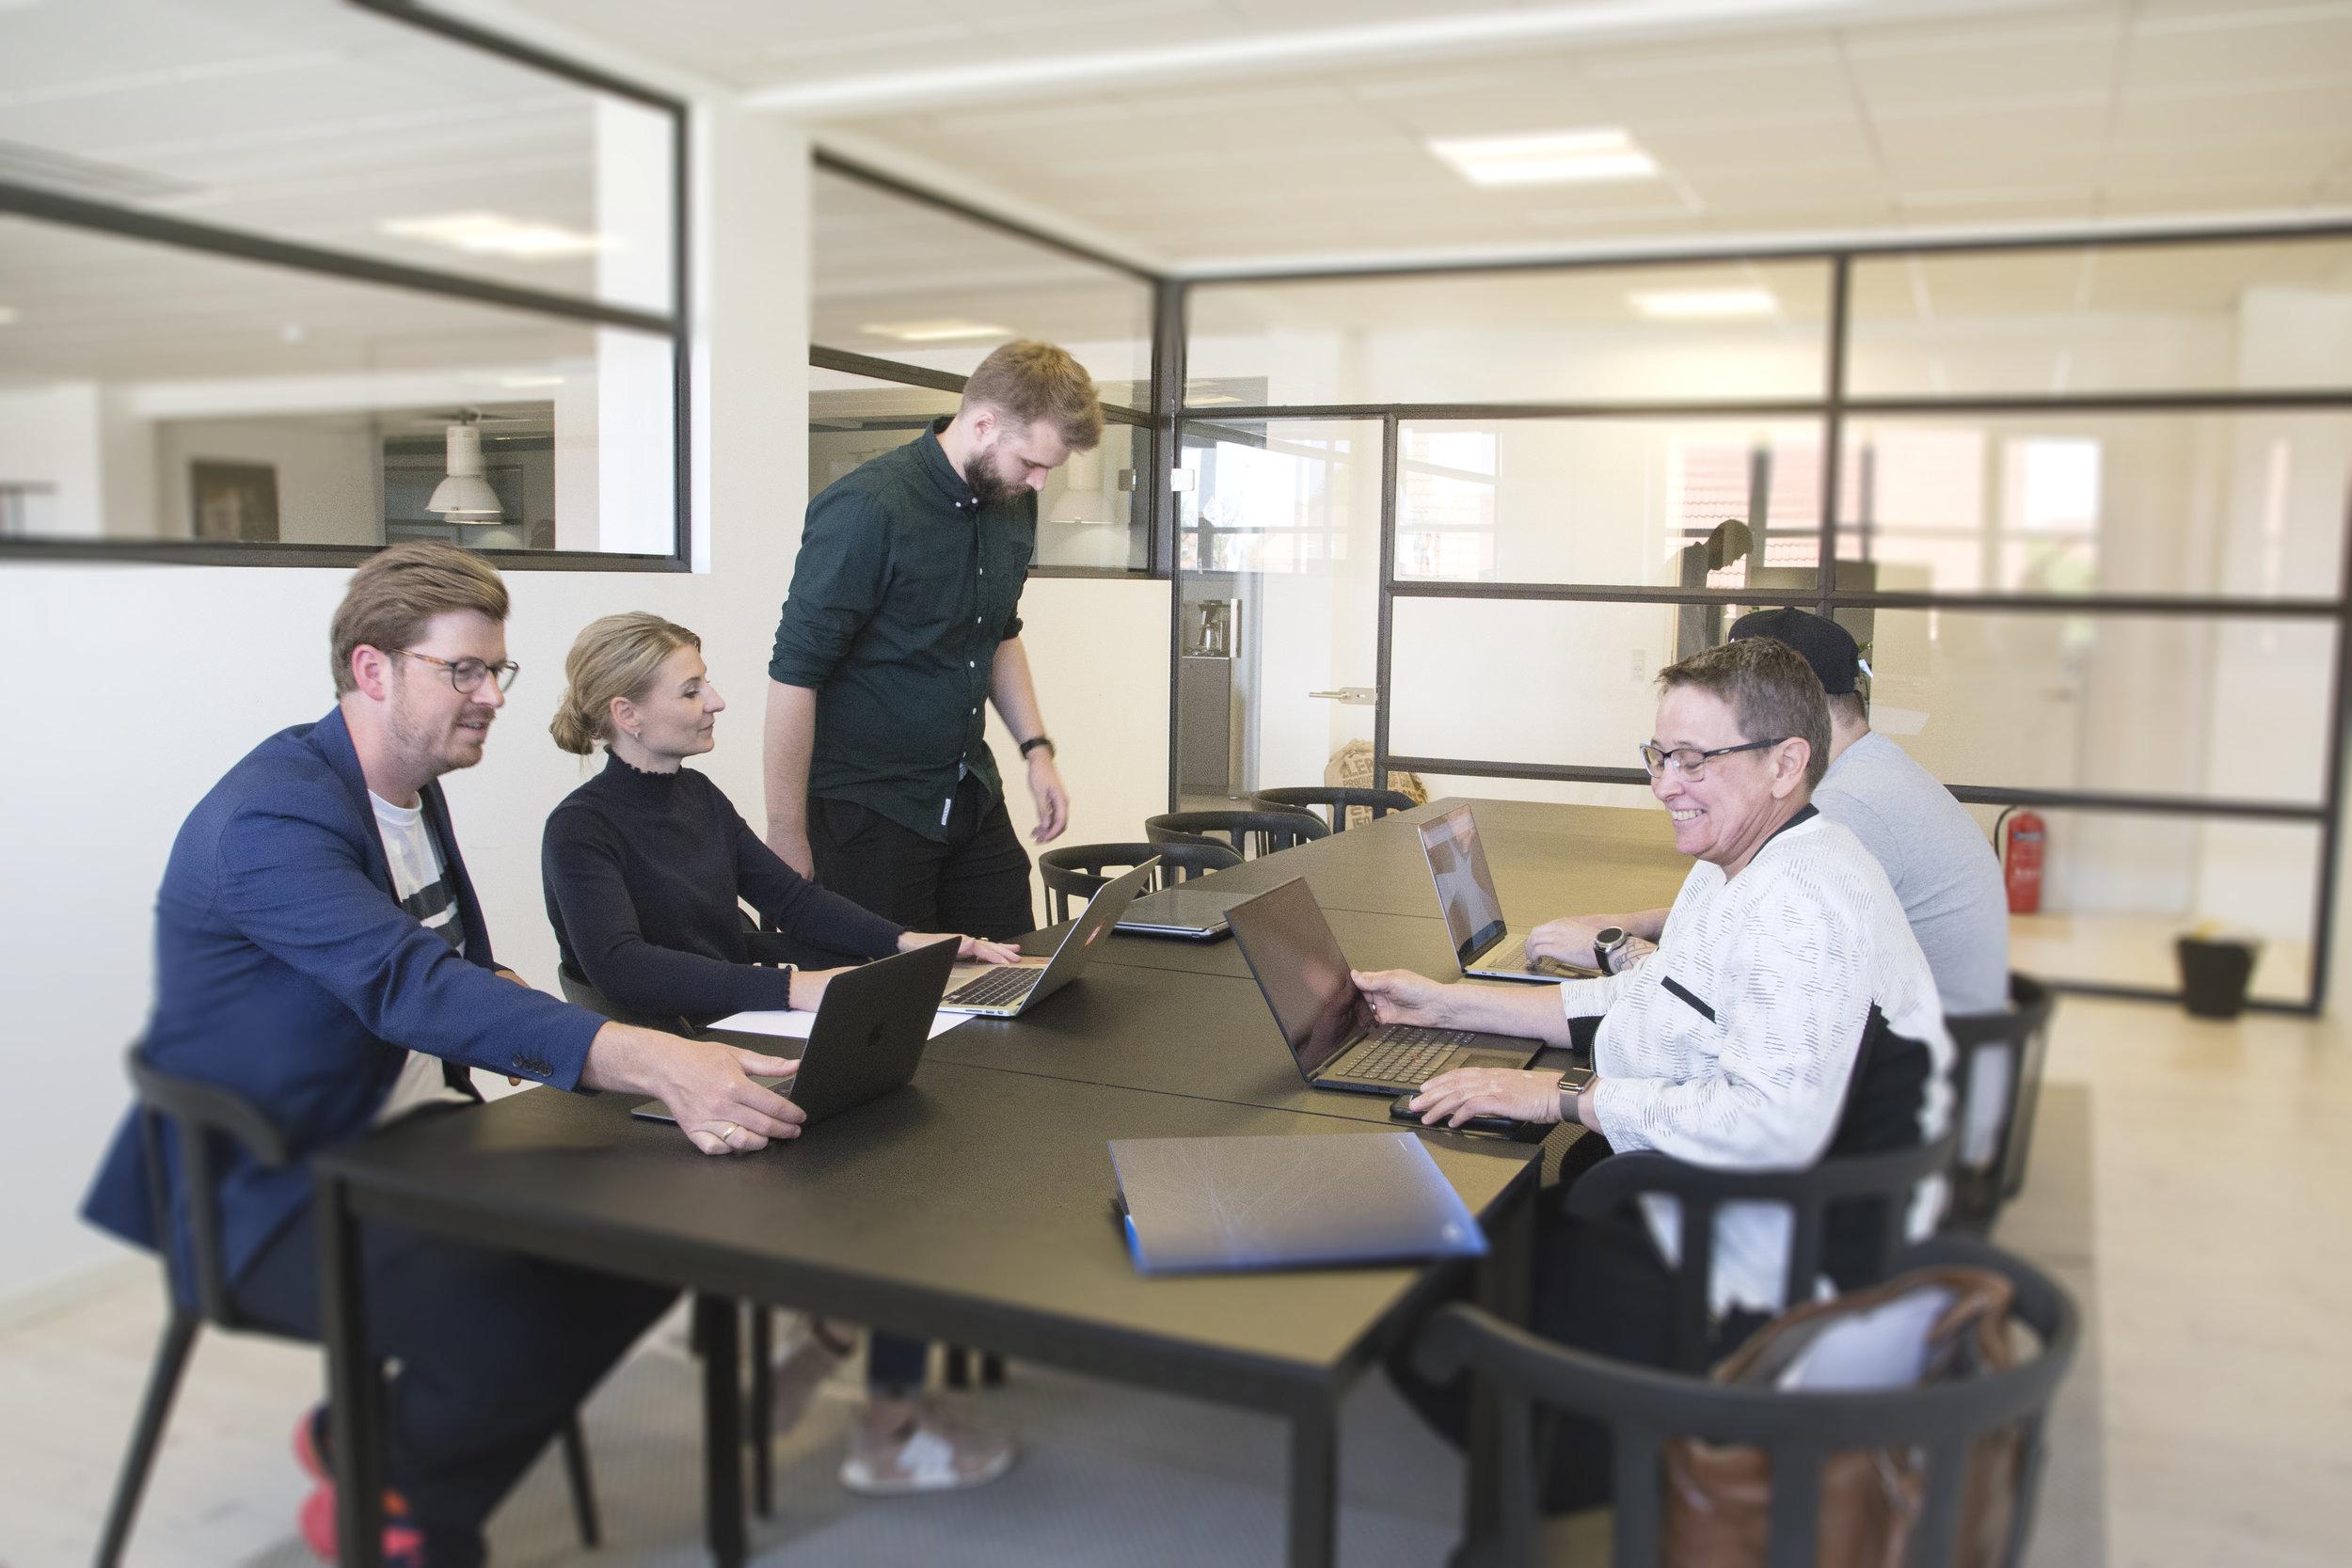 holdet - Læs mere om, hvem vi er, og hvad vi tror på, når organisationer og forretninger skal digitaliseres